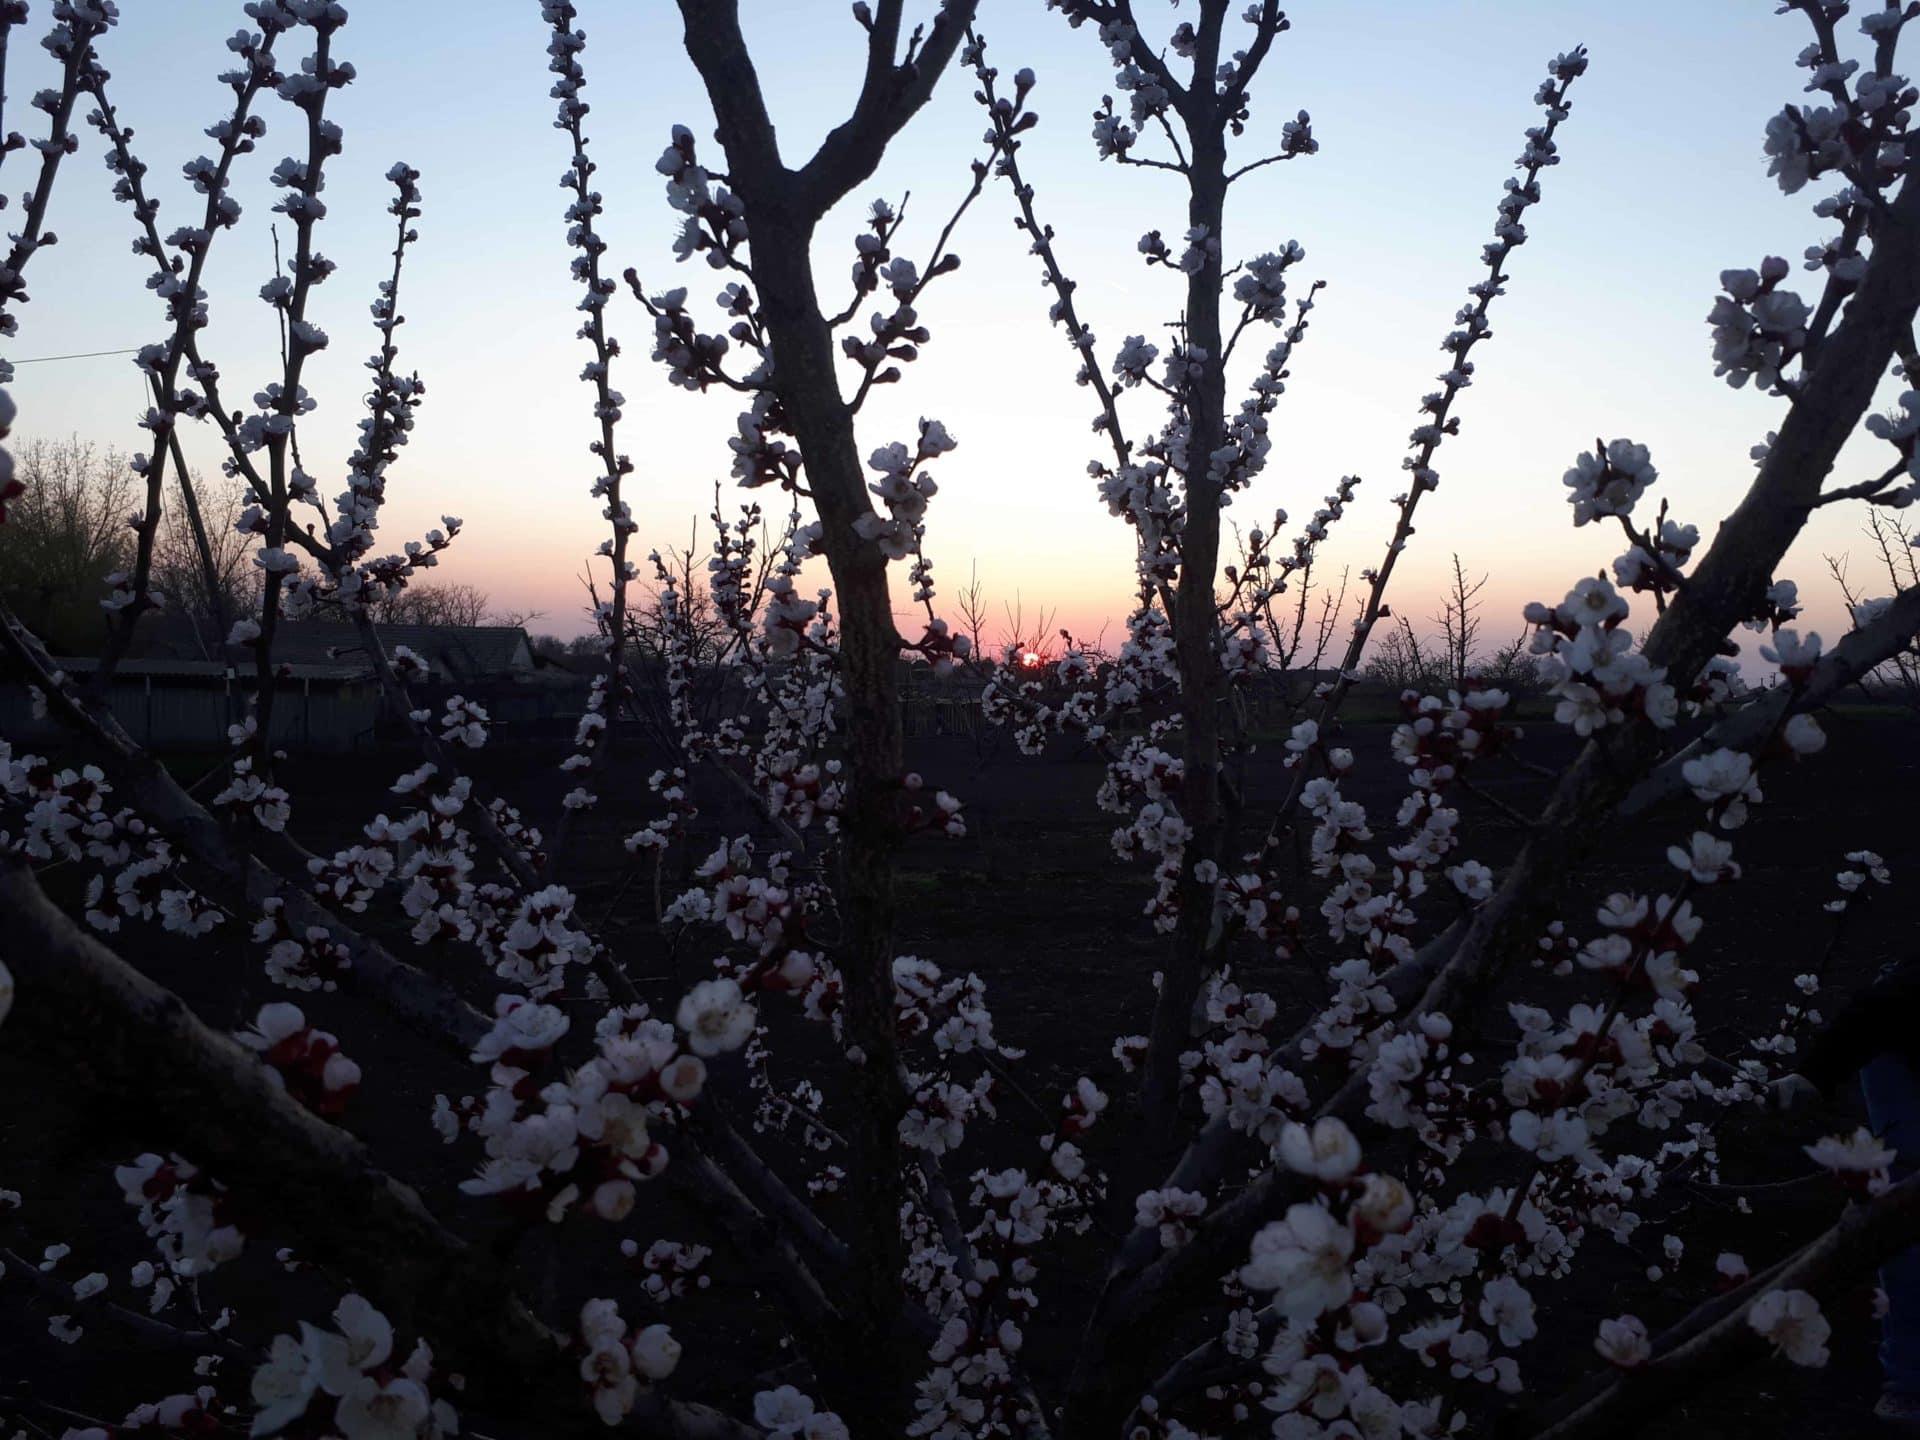 Hogyan védjük meg gyümölcsfáinkat a fagykártól? 7